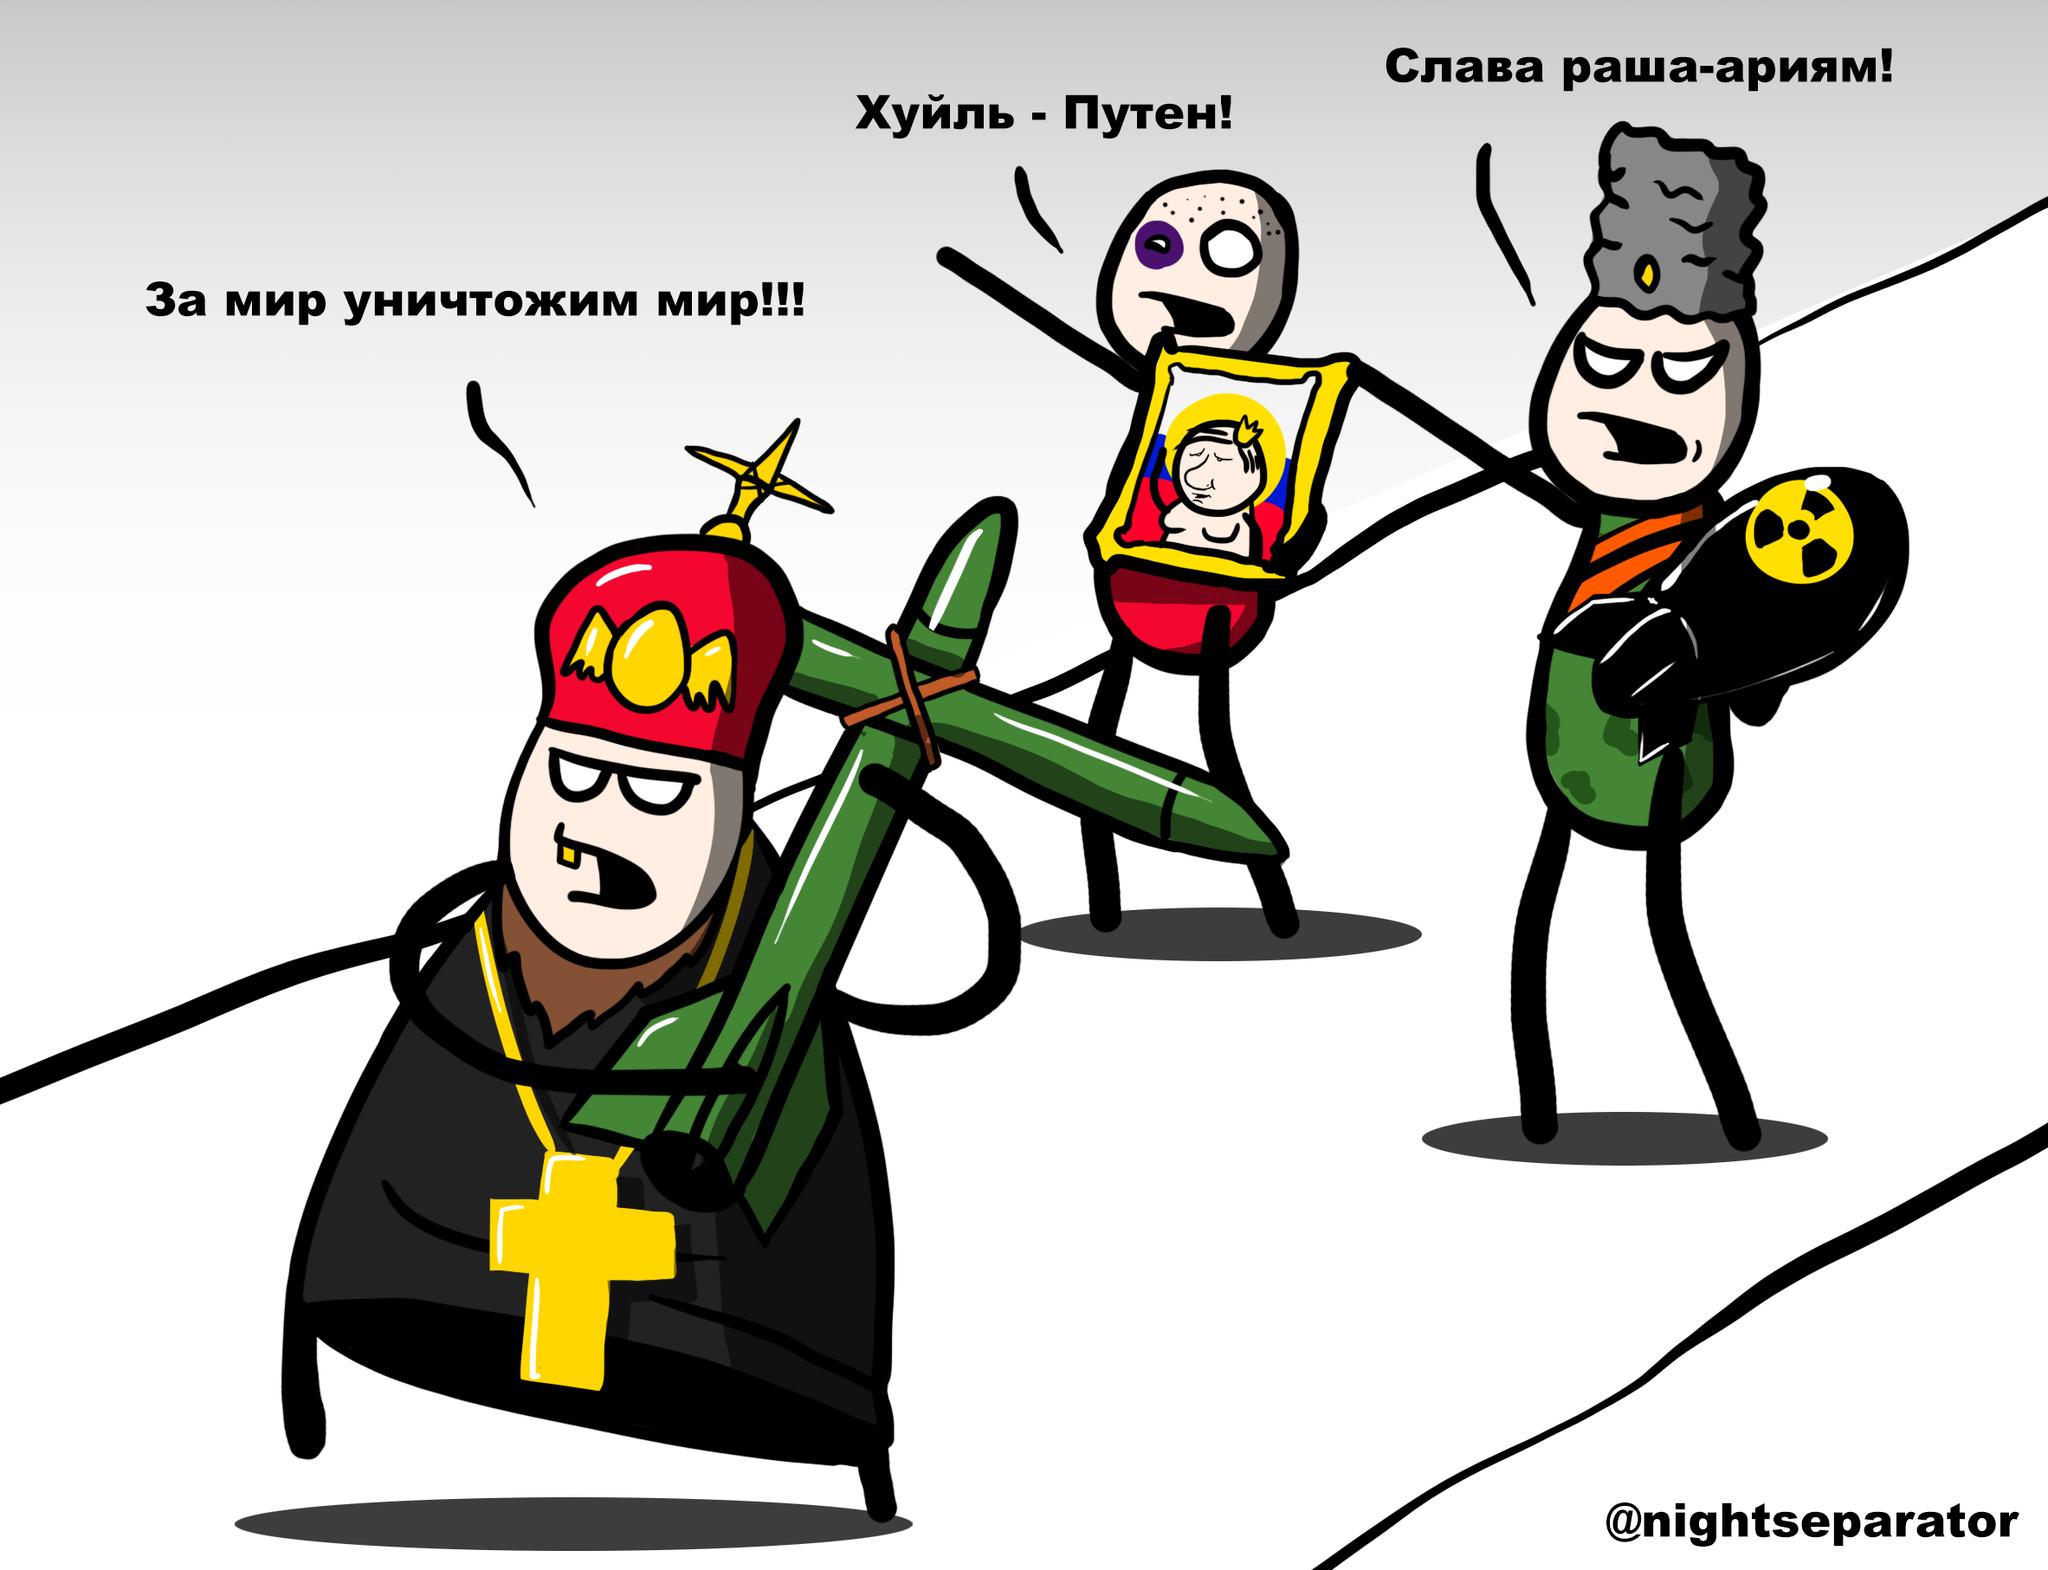 Премьер Финляндии обвинил Россию в возвращении силовой политики - Цензор.НЕТ 1174